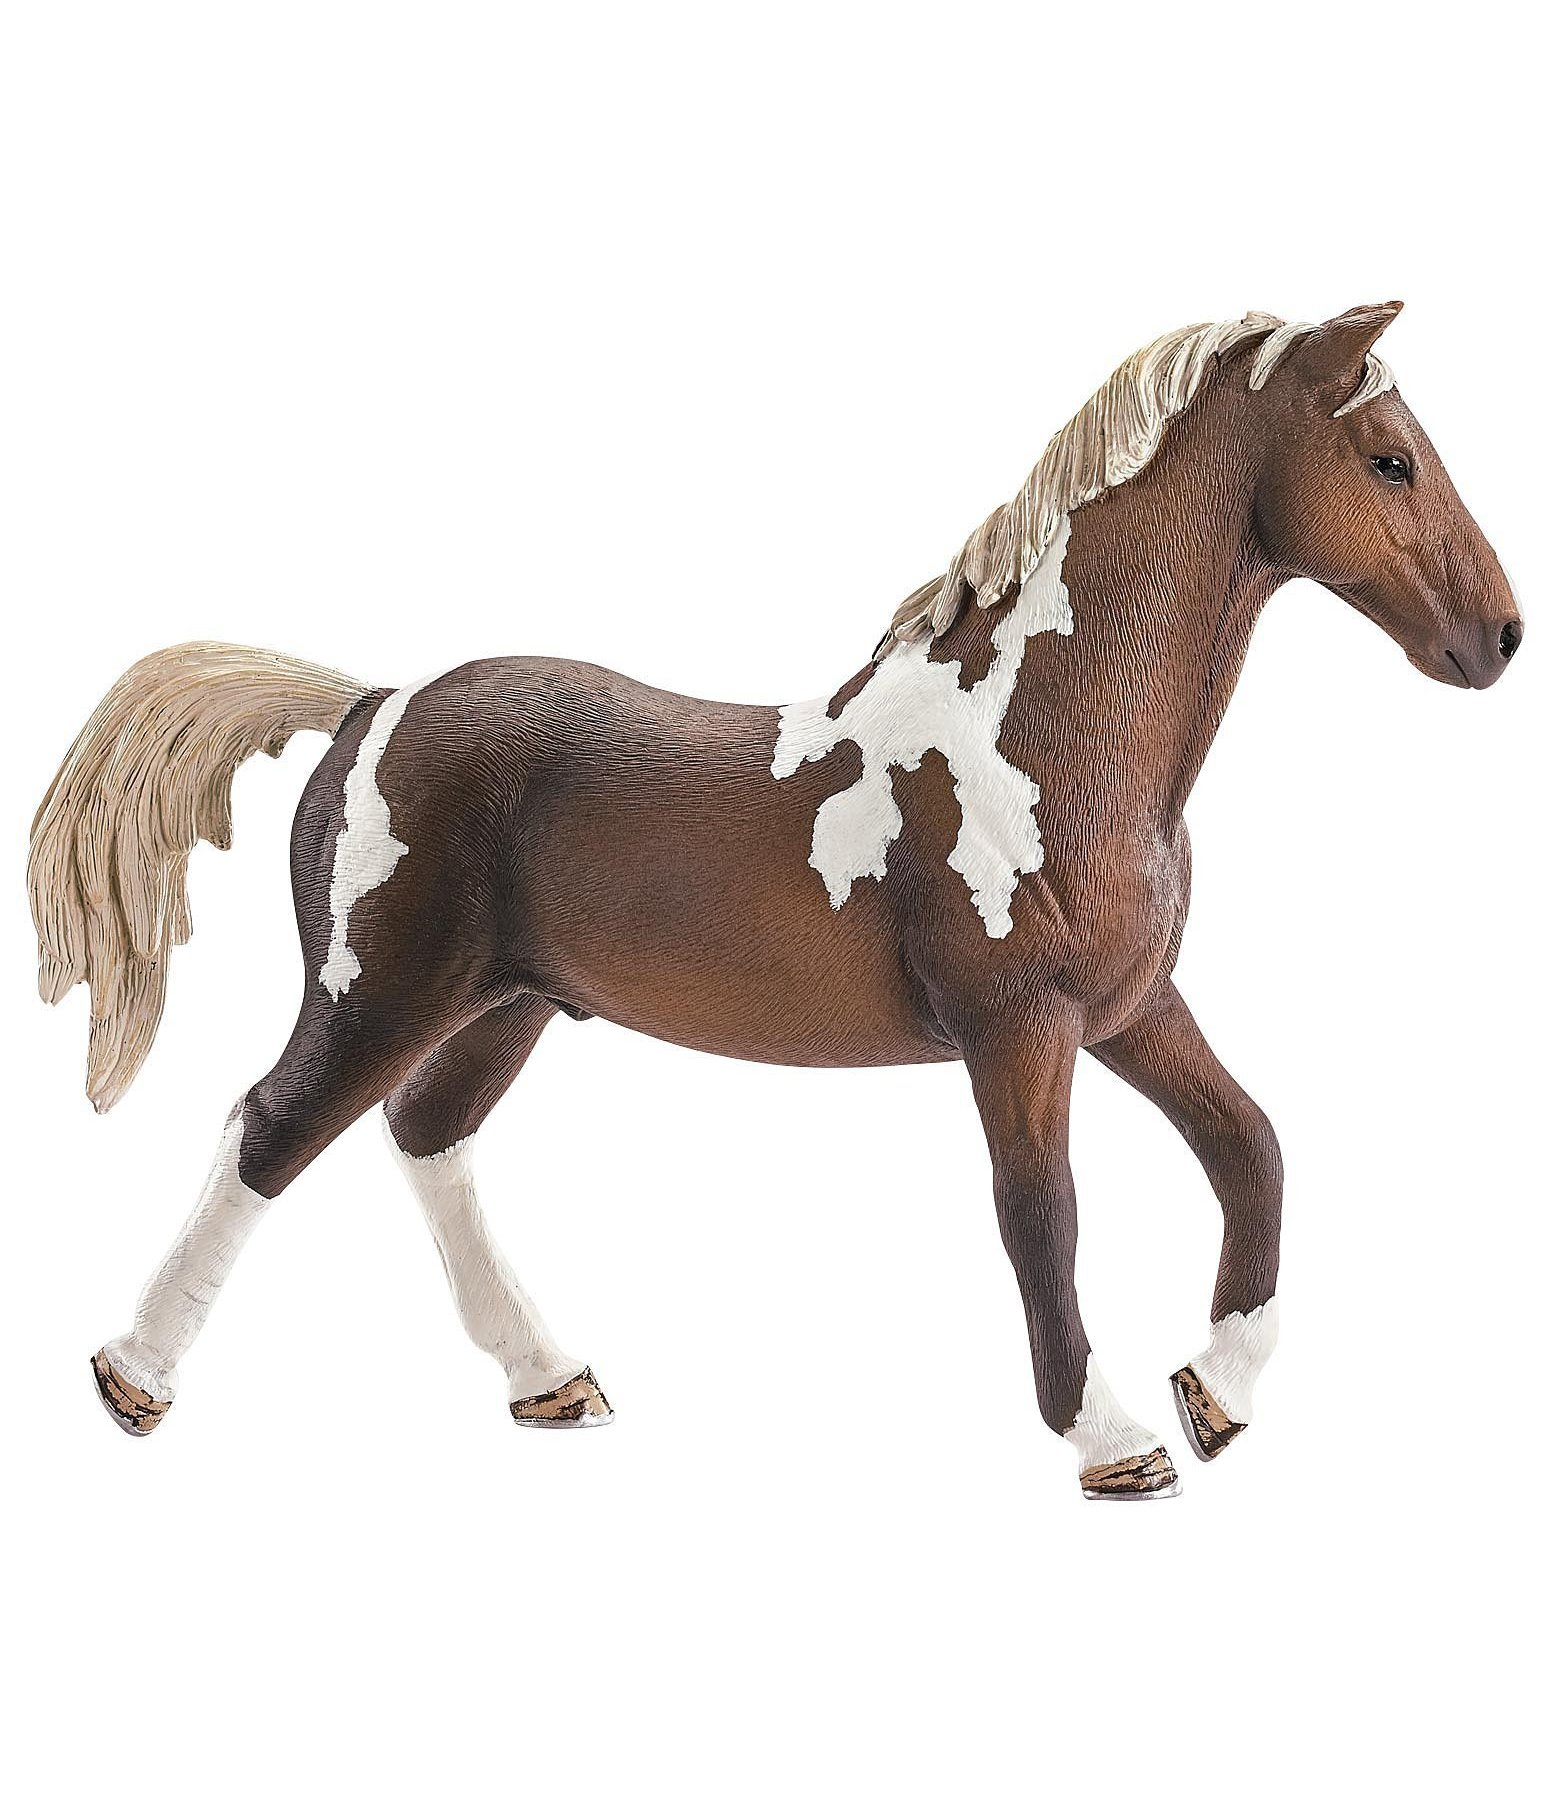 talon trakehner figurines questres kramer equitation. Black Bedroom Furniture Sets. Home Design Ideas